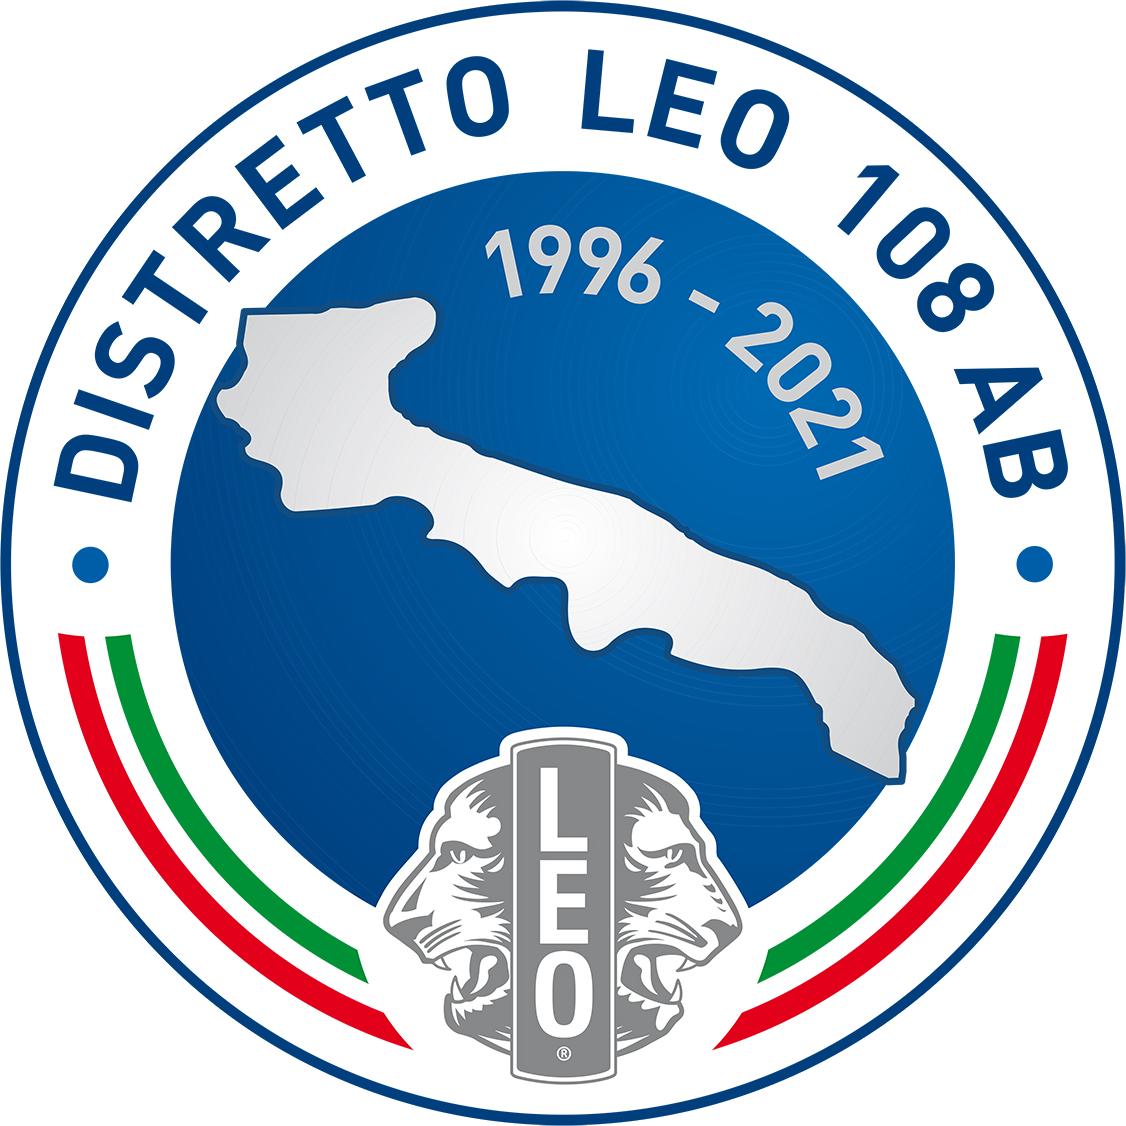 Distretto Leo 108AB Puglia